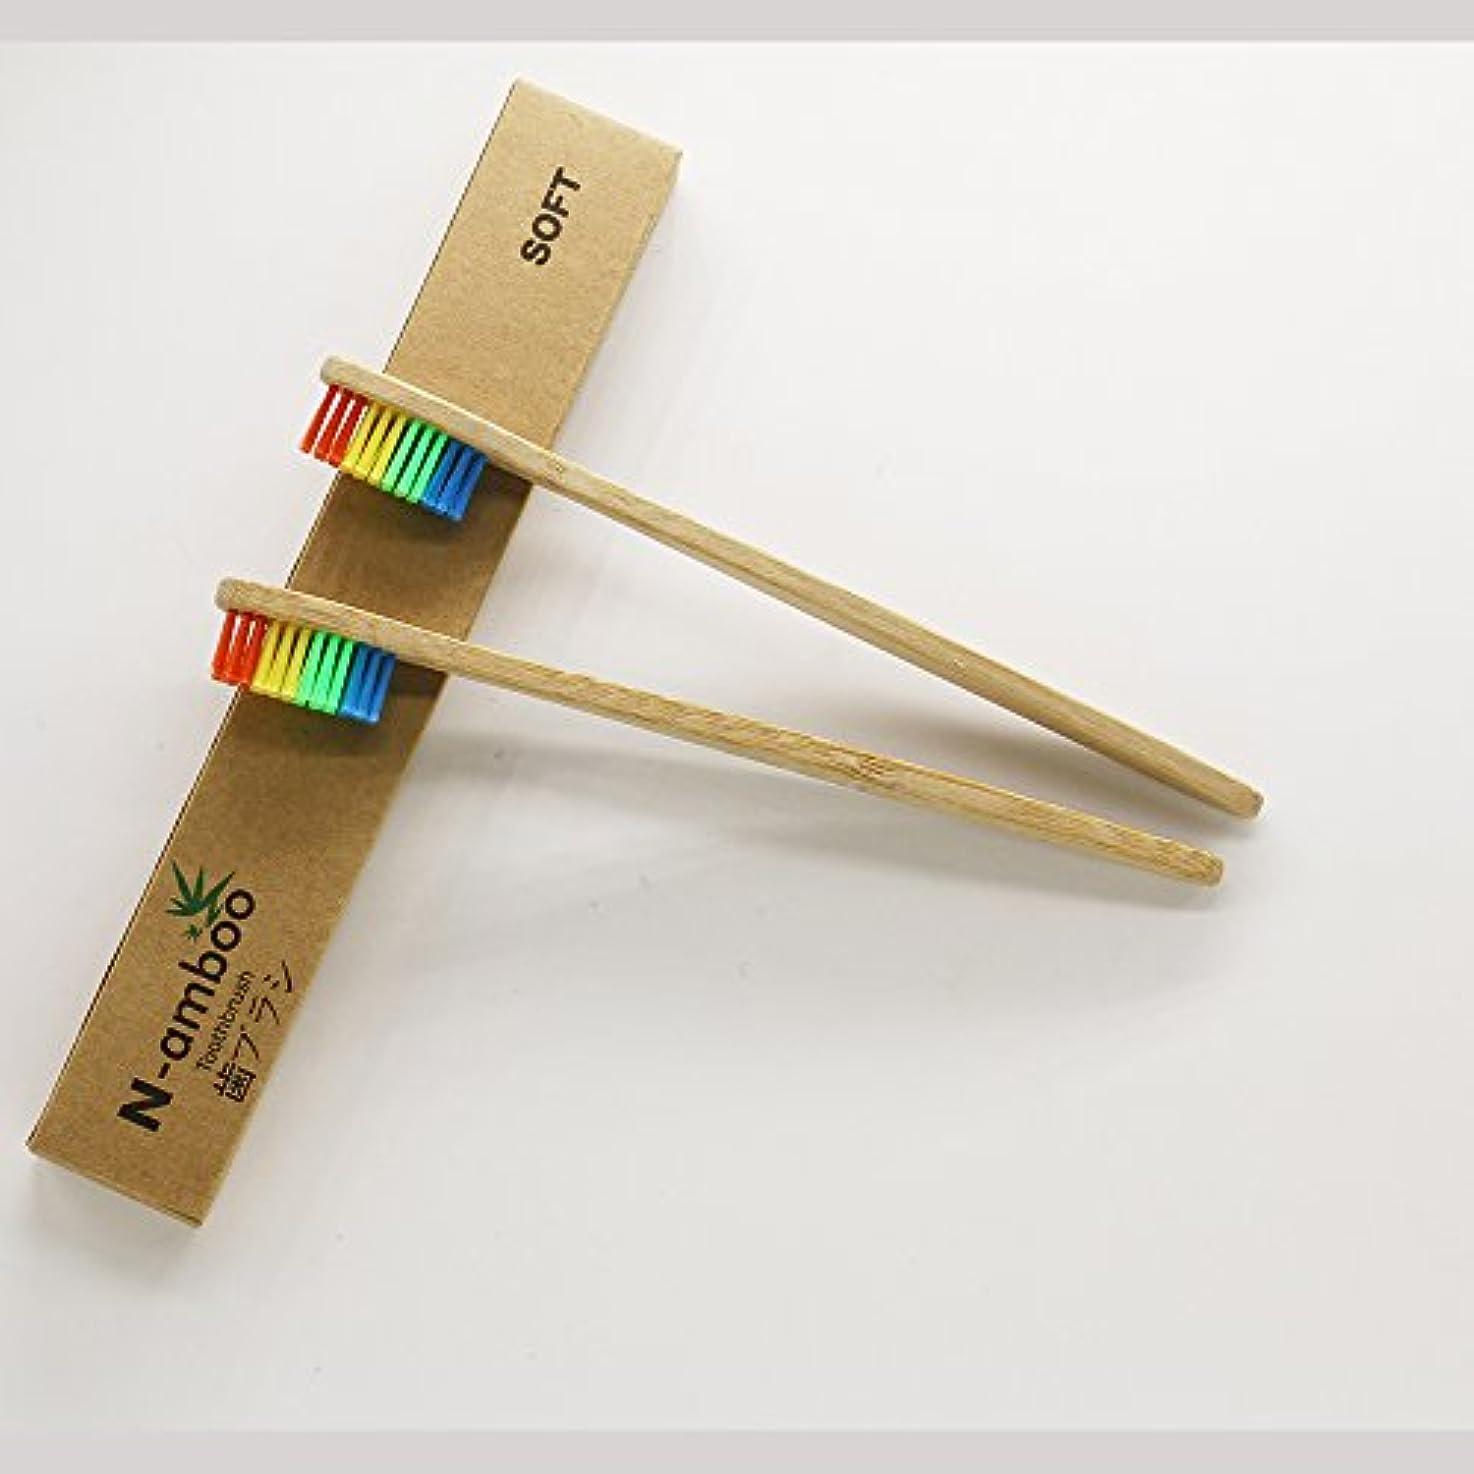 大砲高潔な故障N-amboo 竹製 耐久度高い 歯ブラシ 四色 虹(にじ) 2本入り セット